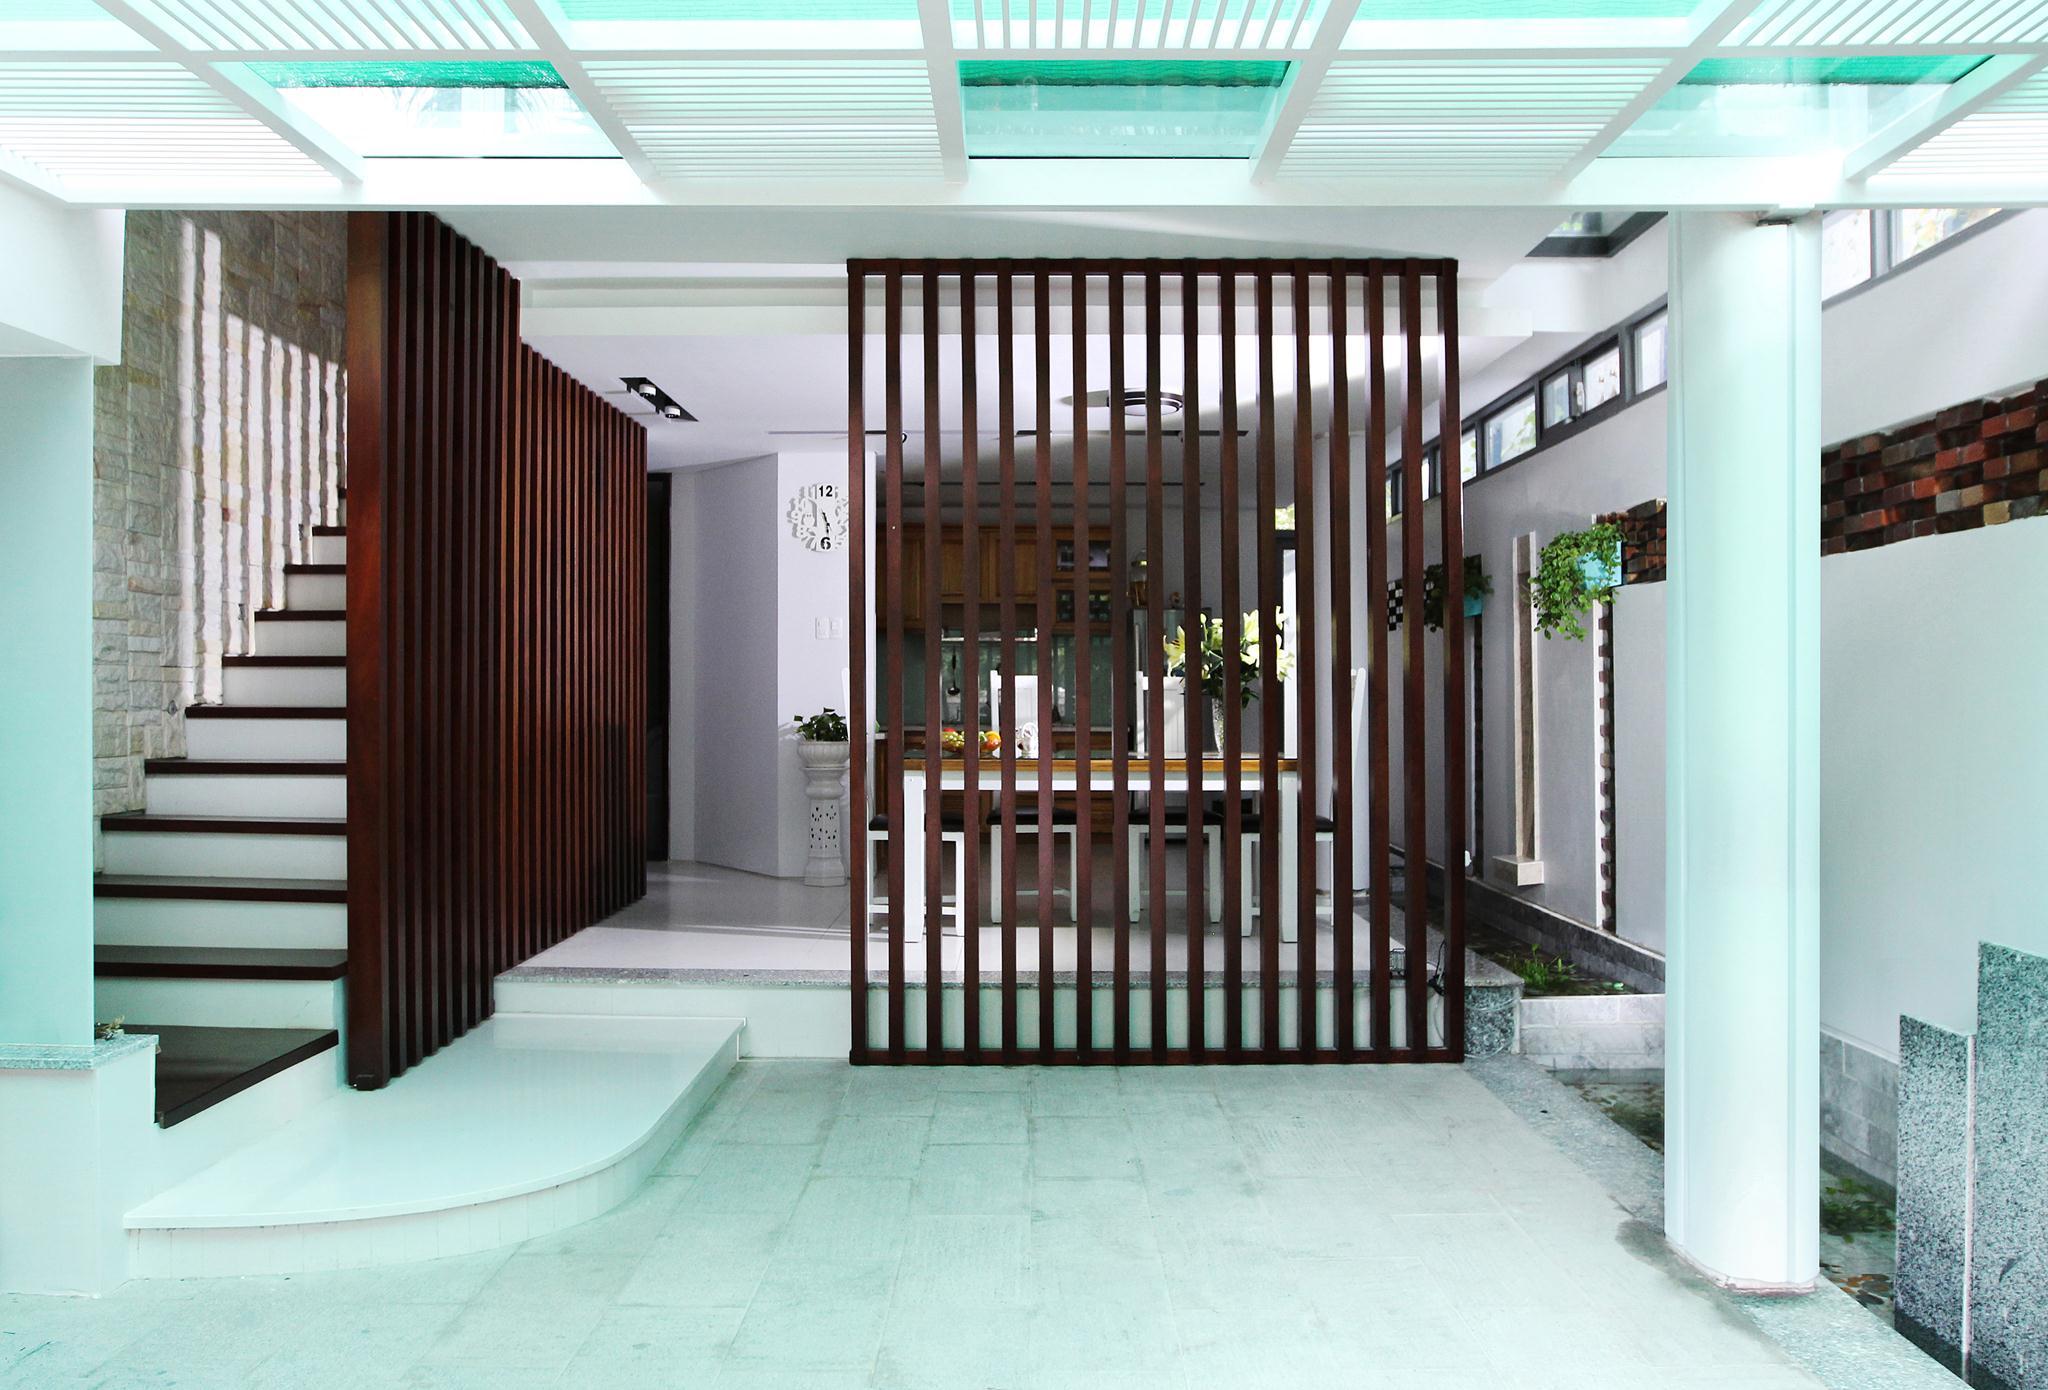 mẫu thiết kế nhà biệt thự phố 3 tầng đẹp